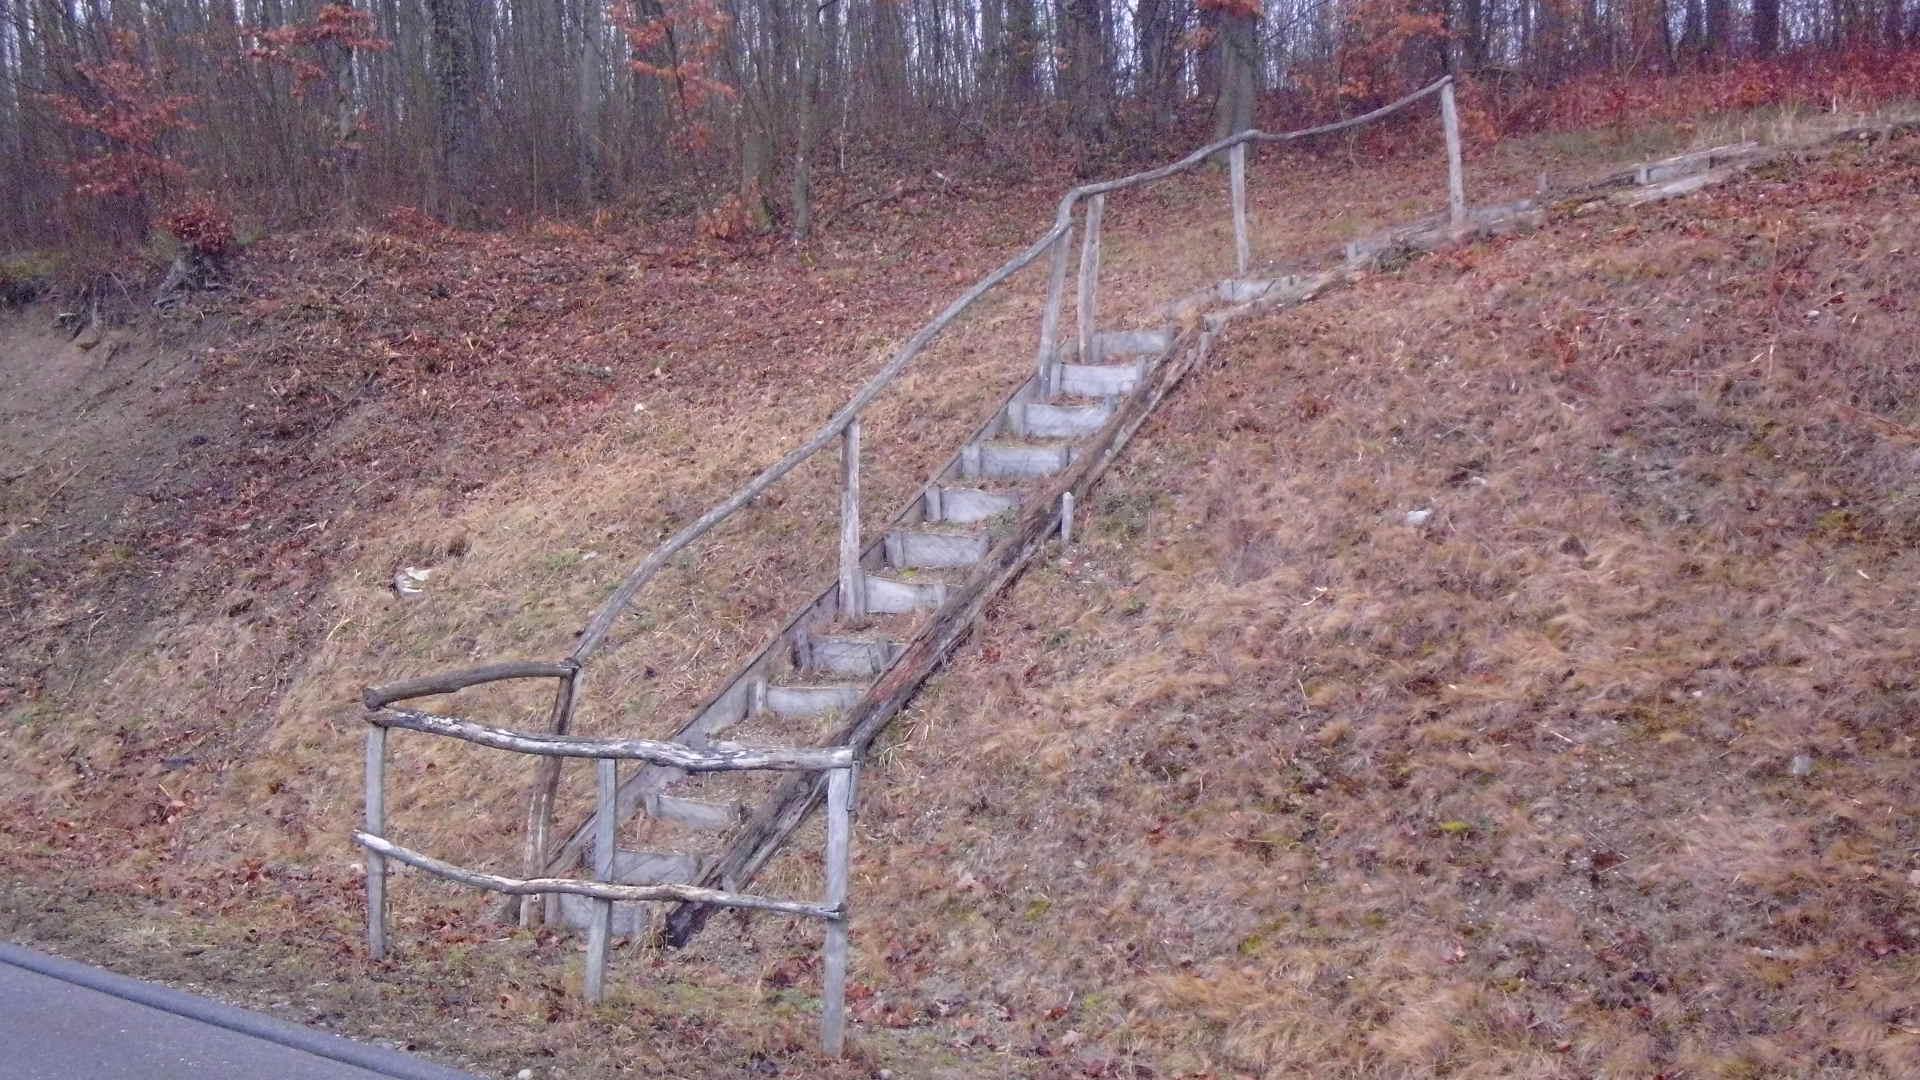 Orginell, griffsicher, durchlaufend, umgreifbar - für Menschen gemacht, sicher auf Treppen gehen, auch wenn es